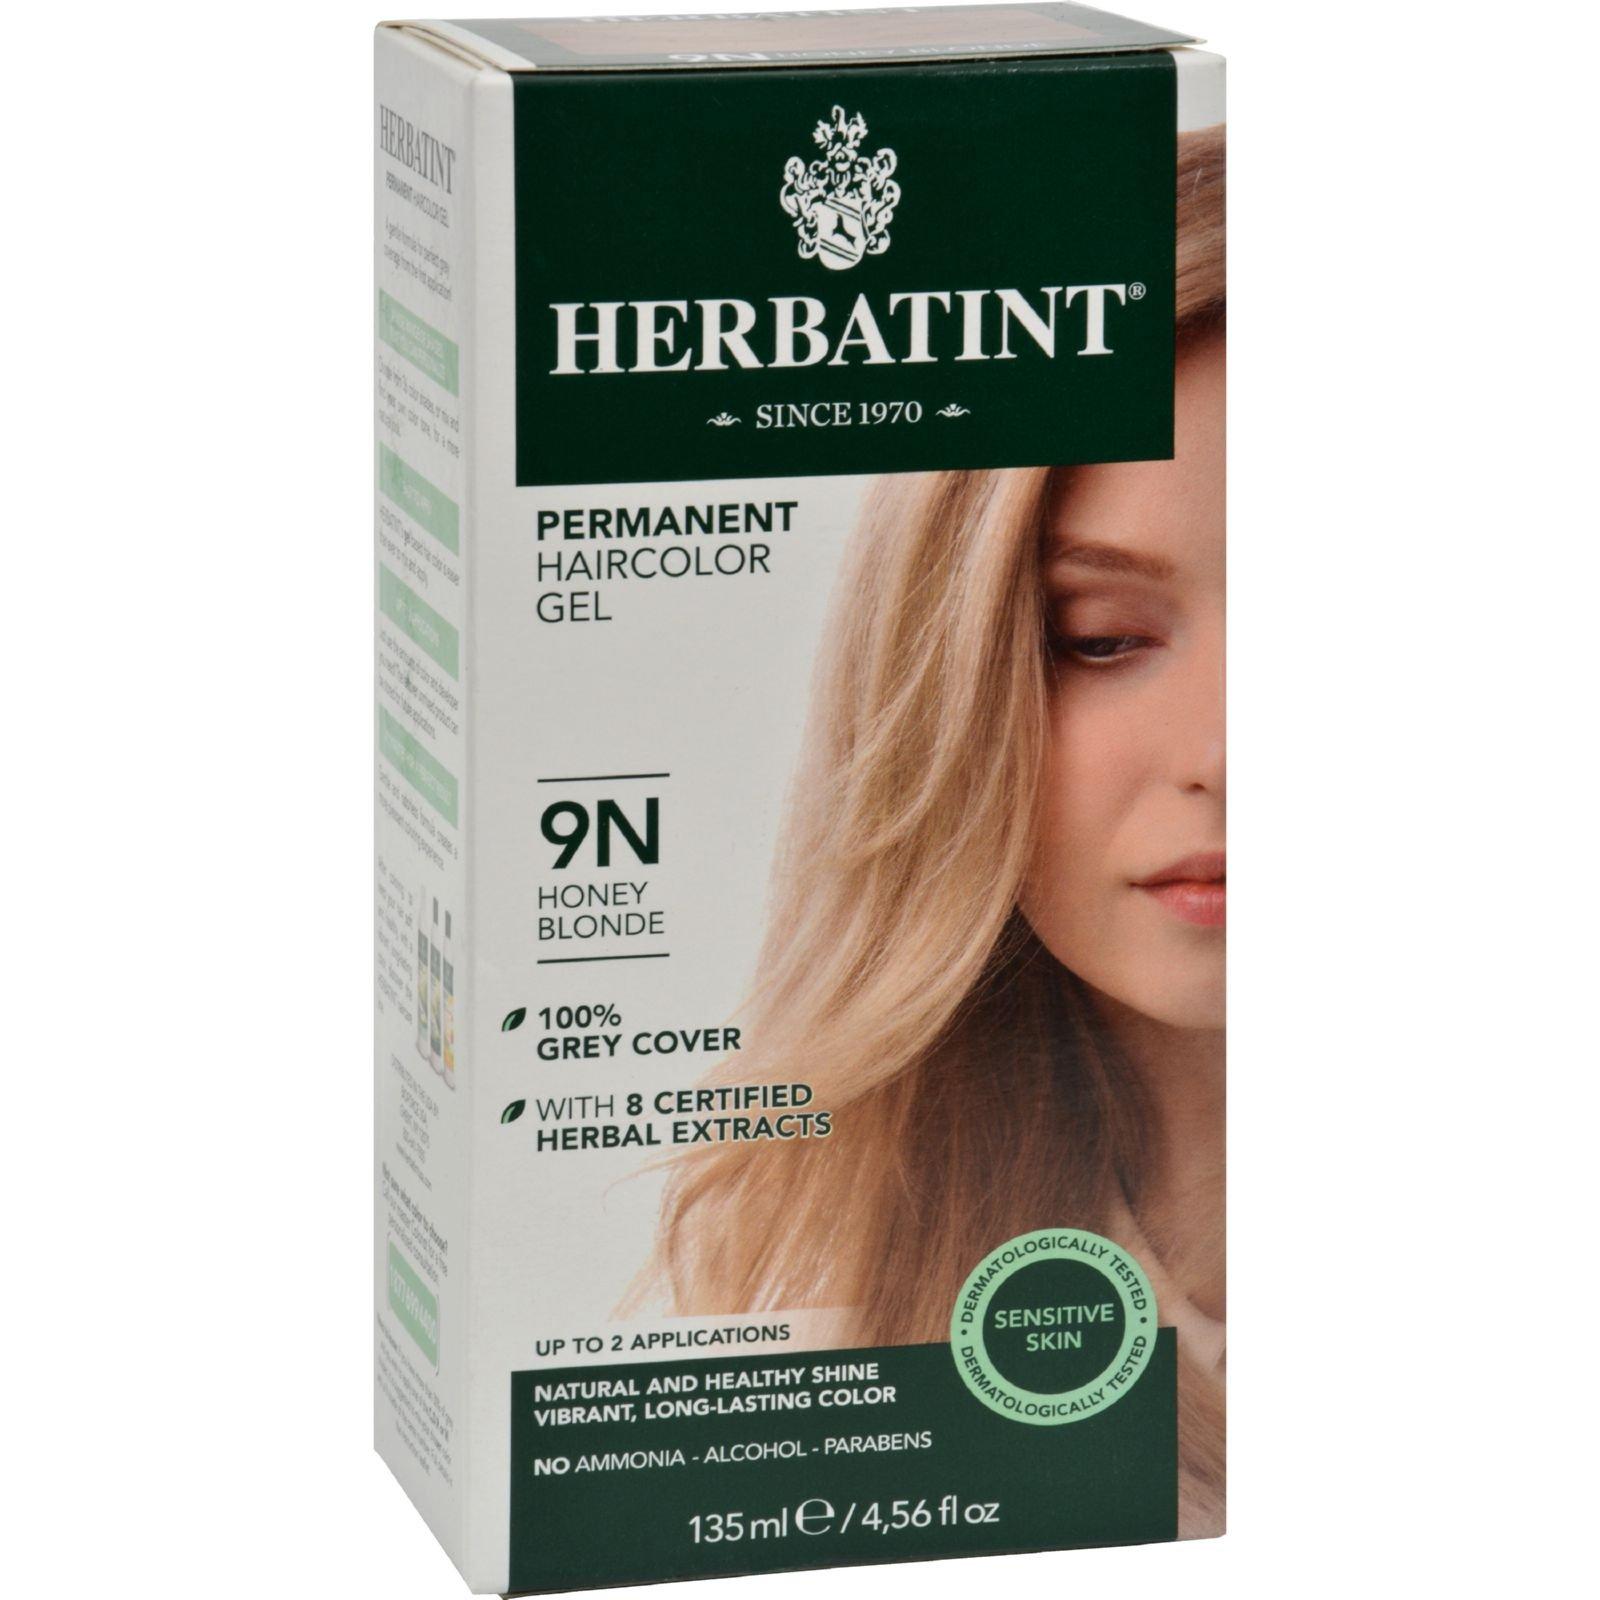 Herbatint Permanent Herbal Haircolour Gel 9N Honey Blonde - 135 ml (Pack of 4)